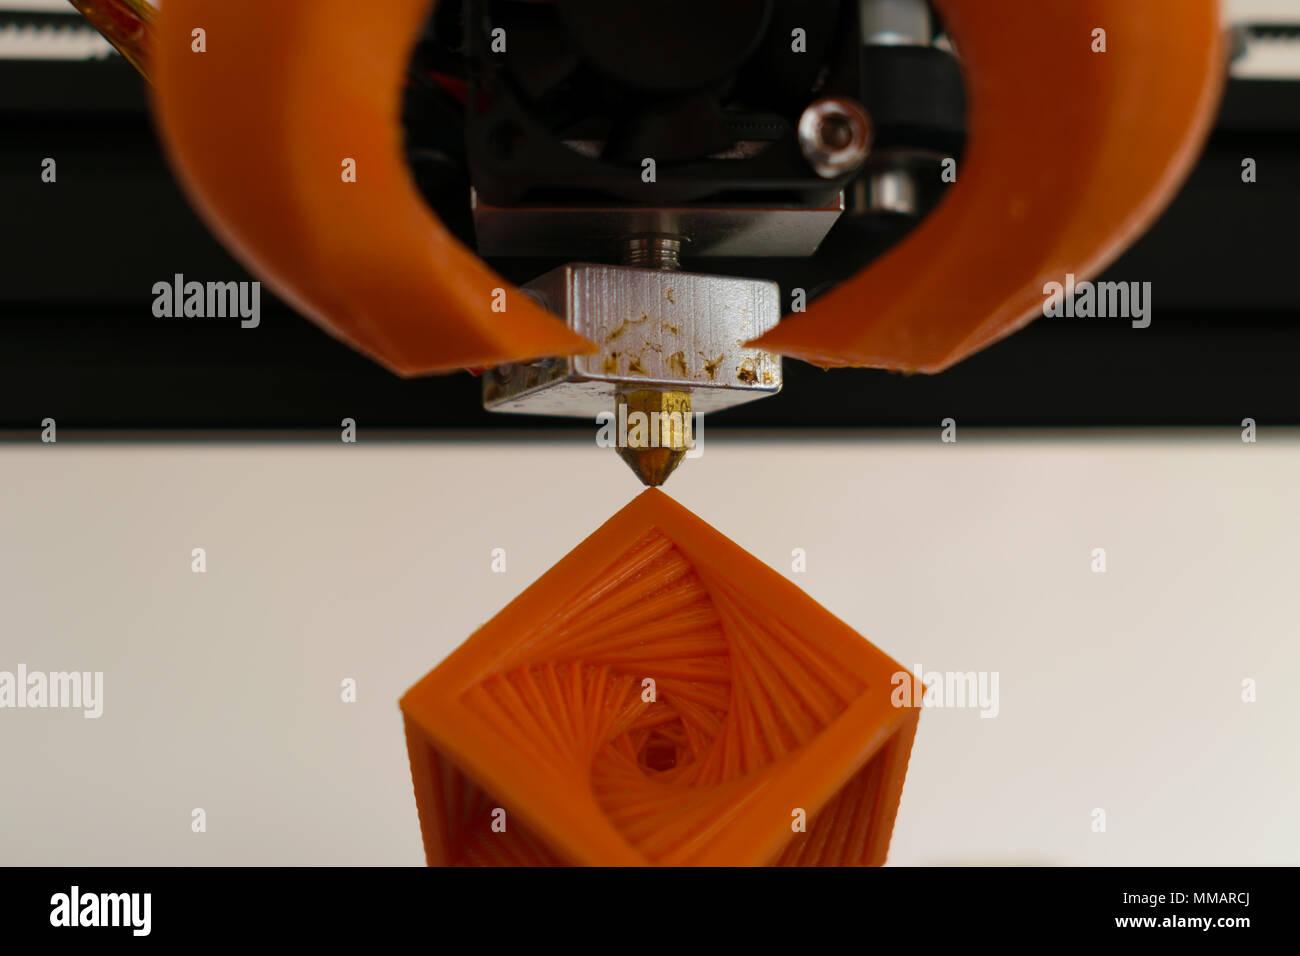 L'imprimante 3d sex-fin avec buse concept objet imprimé Photo Stock